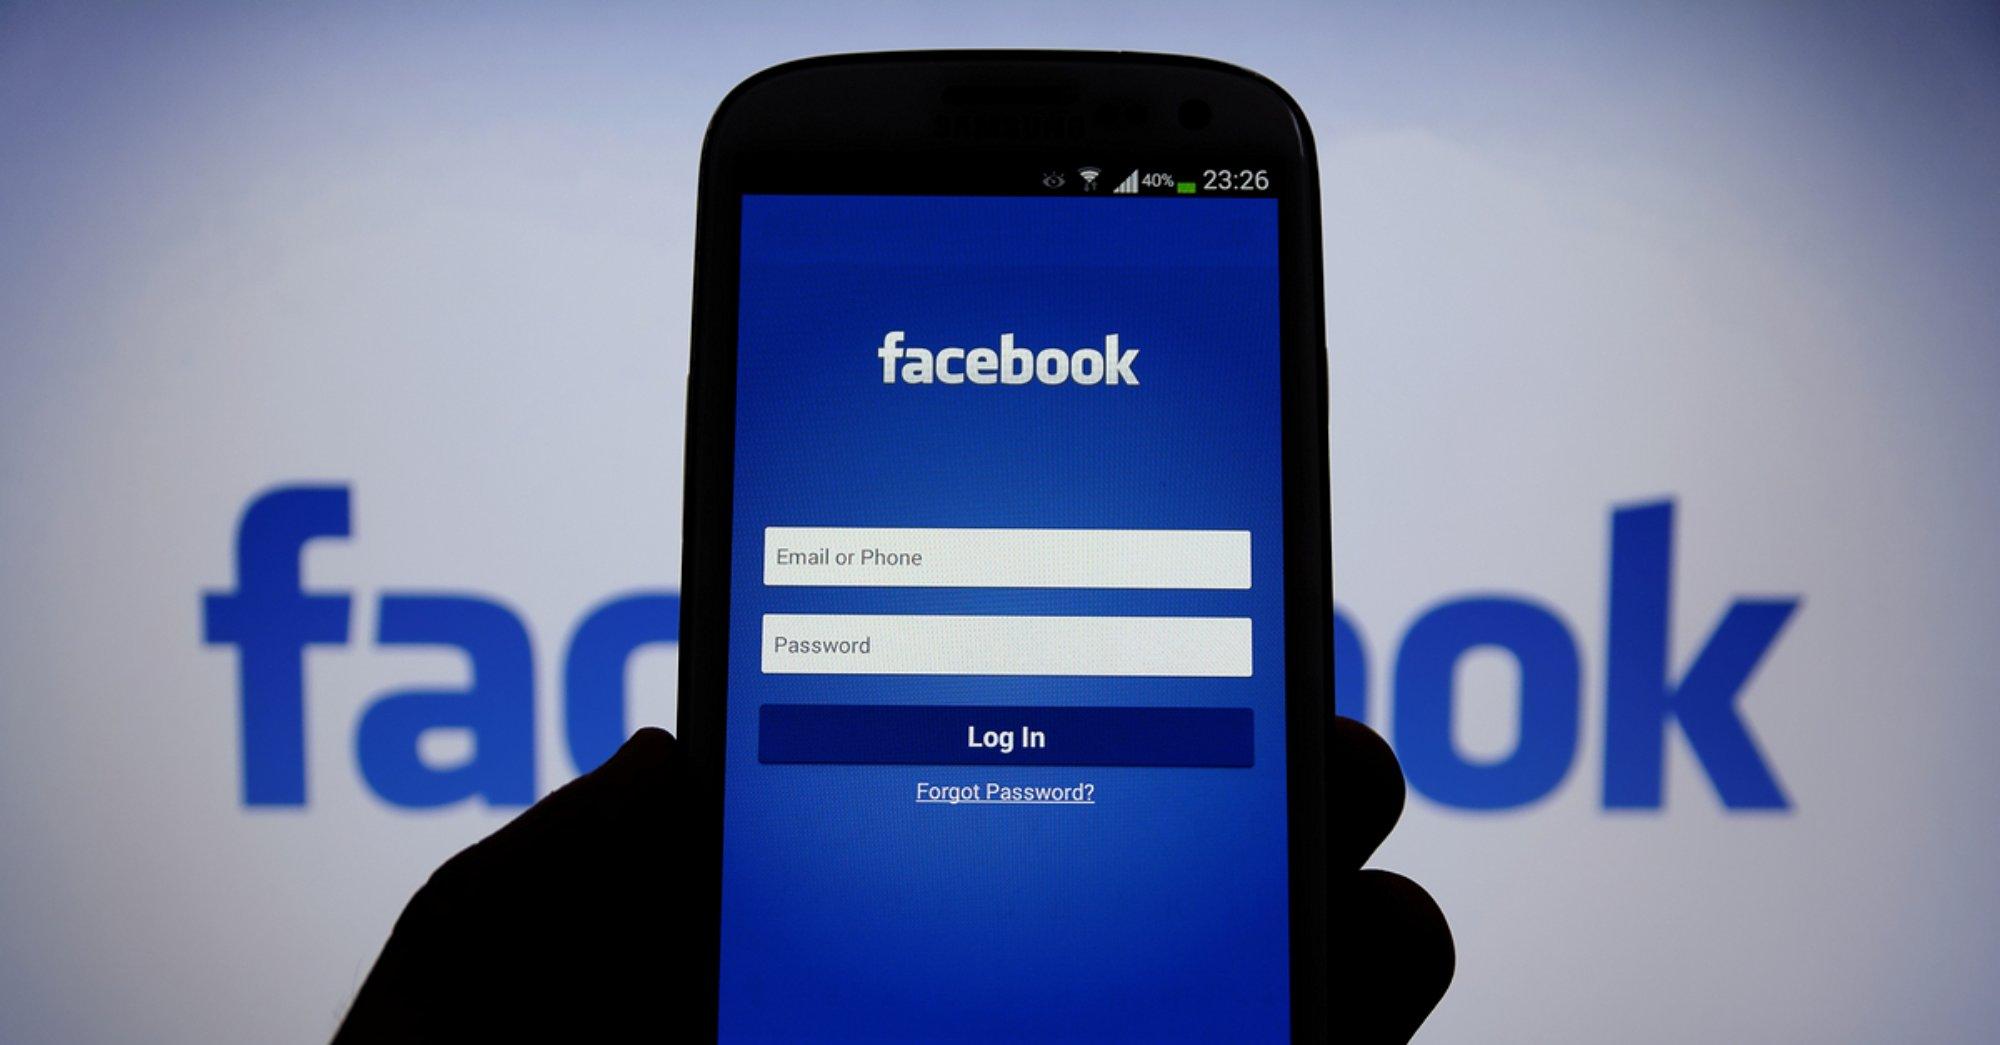 Facebook vadītājs Marks Cukerbergs atzīst savas kļūdas lietotāju datu izmantošanā